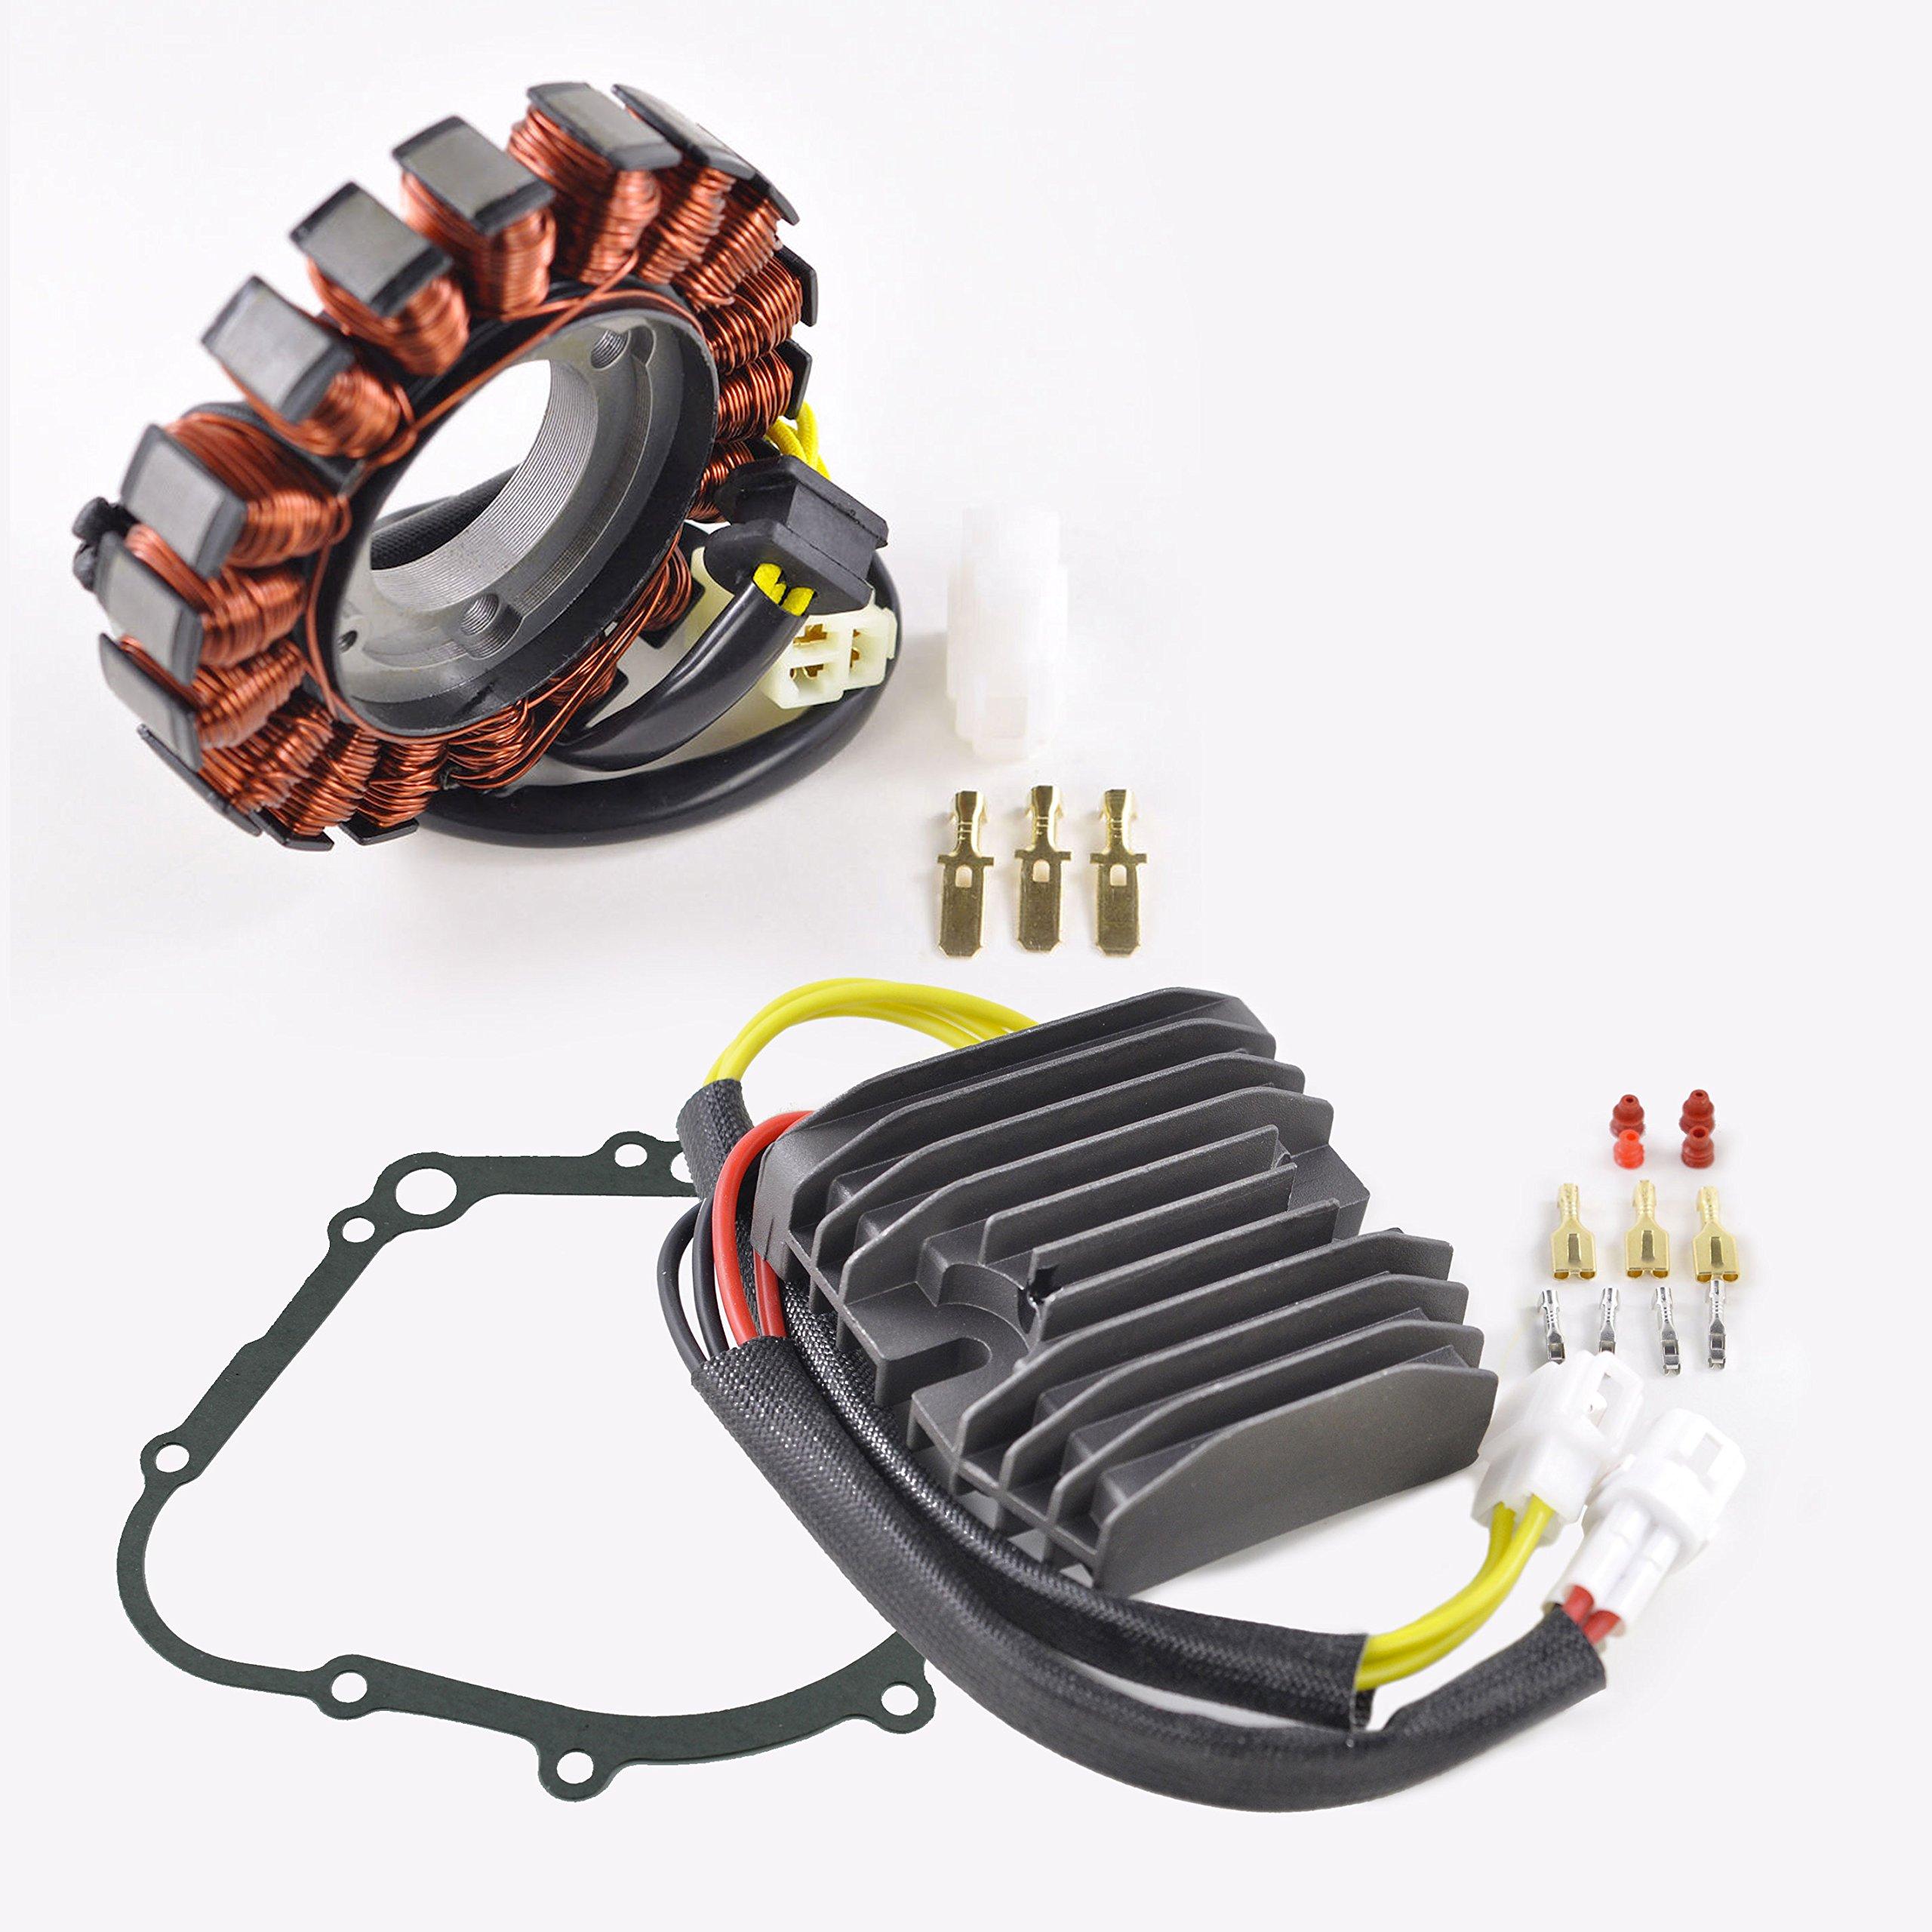 Kit Improved Heavy Duty Stator + Mosfet Voltage Regulator Rectifier + Gasket For Suzuki GSX-R 600 GSXR 750 2006-2017